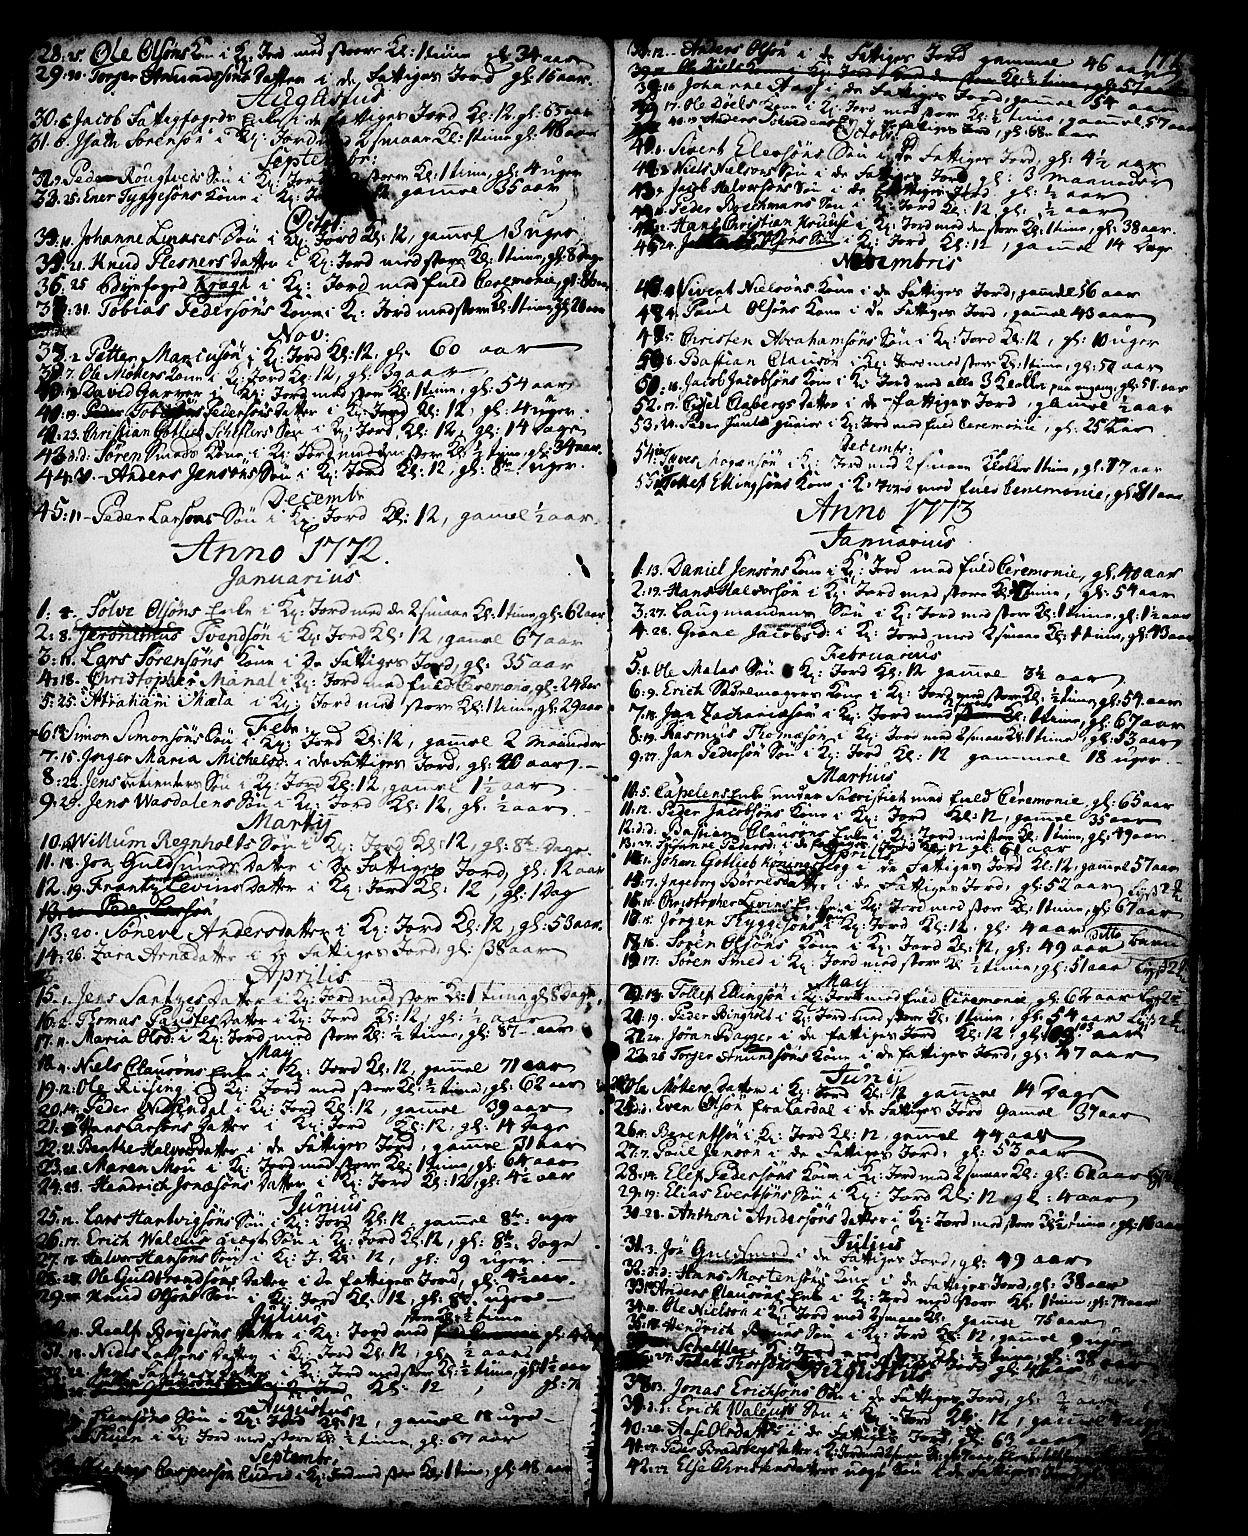 SAKO, Skien kirkebøker, G/Ga/L0001: Klokkerbok nr. 1, 1756-1791, s. 147